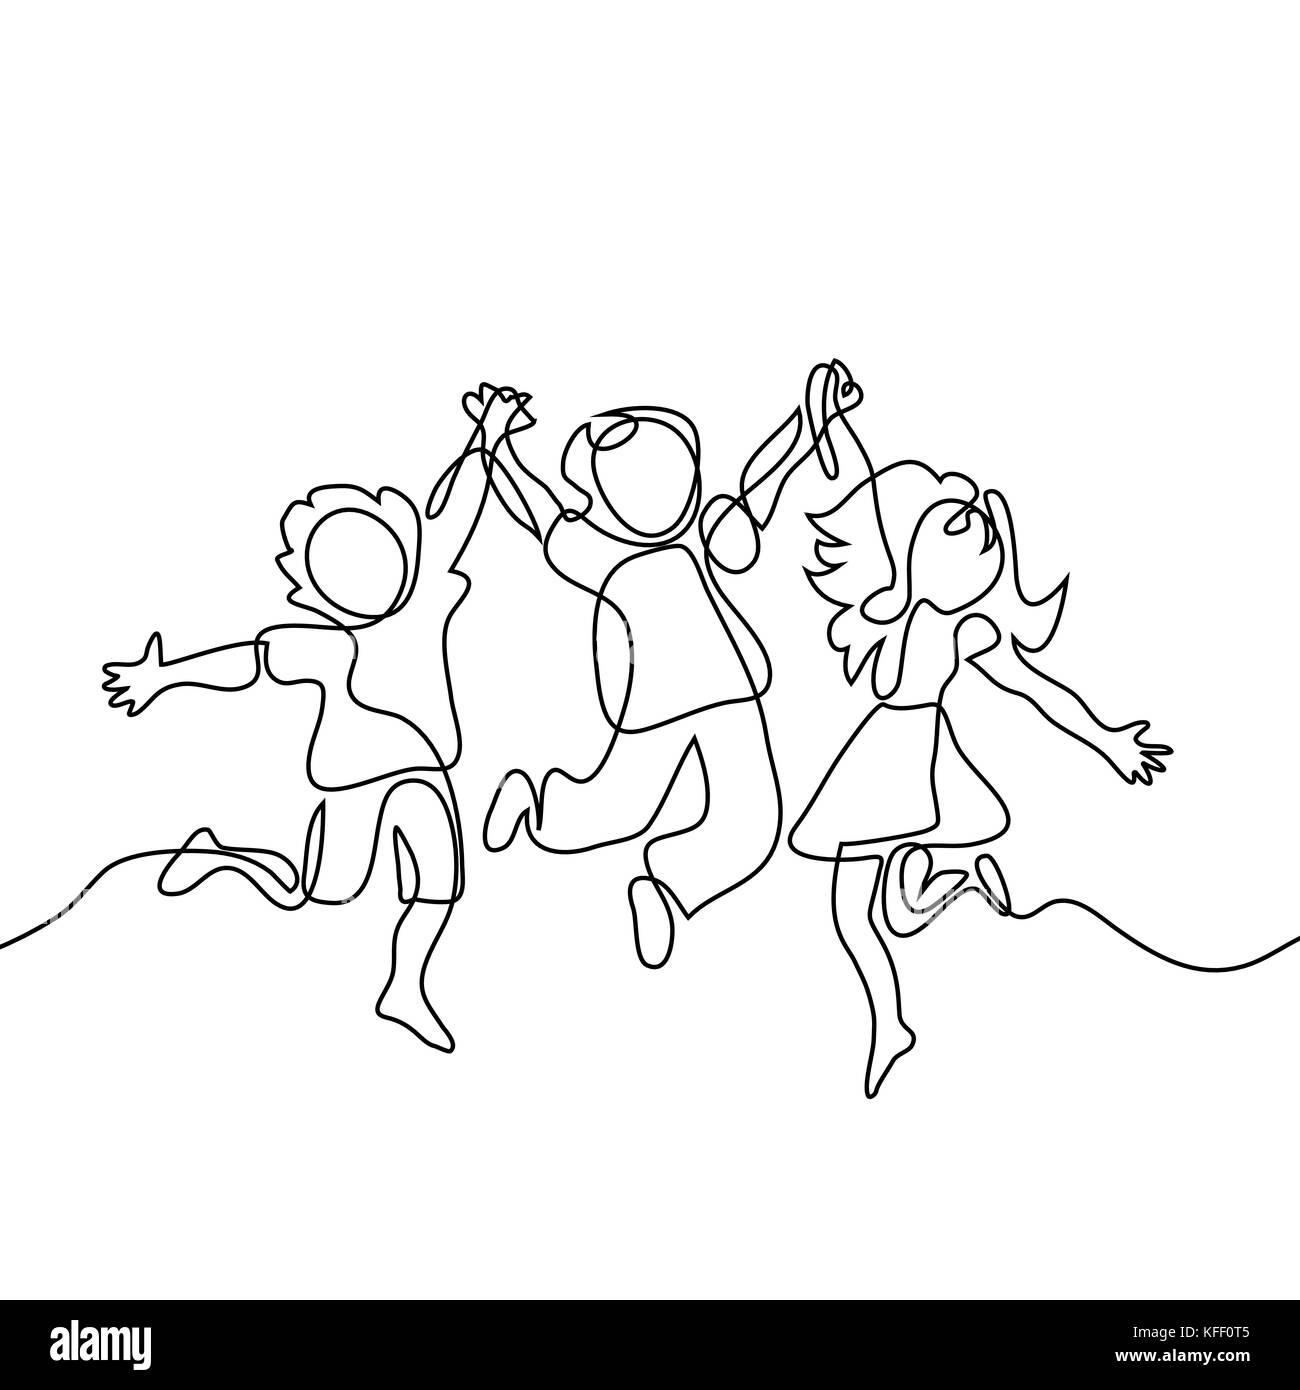 Feliz Saltando Los Niños Tomados De Las Manos Dibujo De Línea